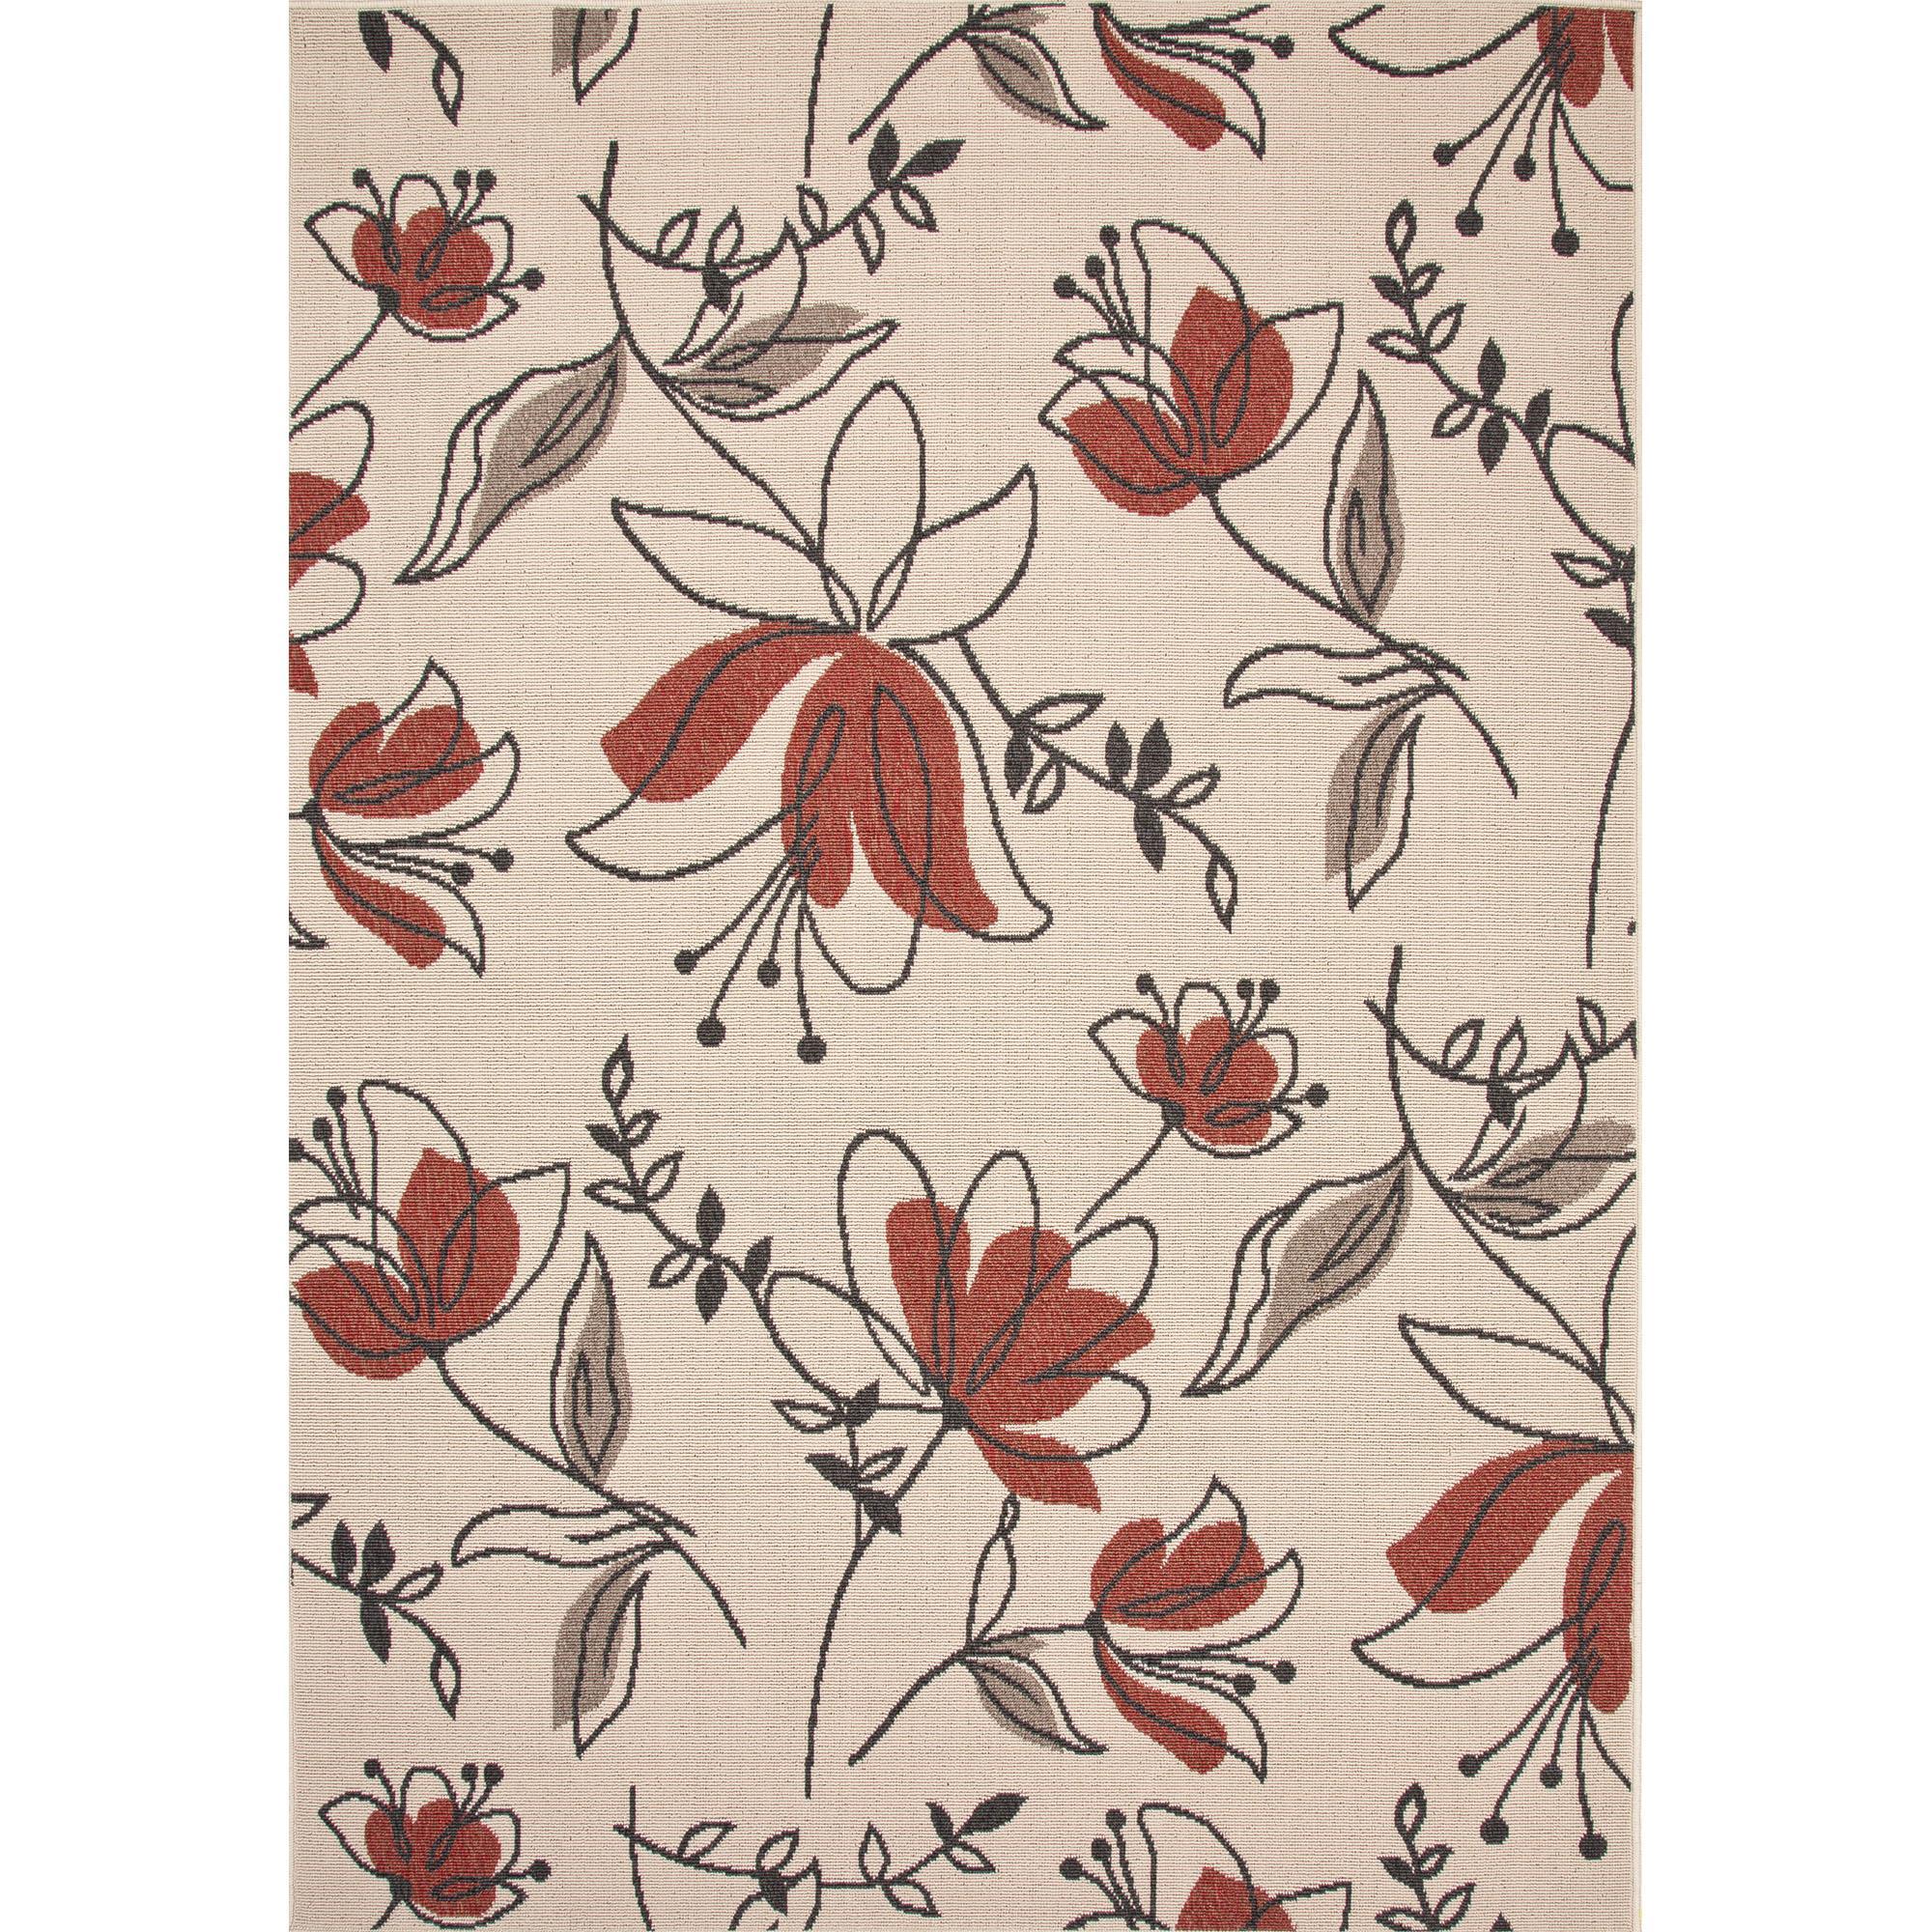 JAIPUR Rugs Bloom 2 x 3.7 Rug - Item Number: RUG121913